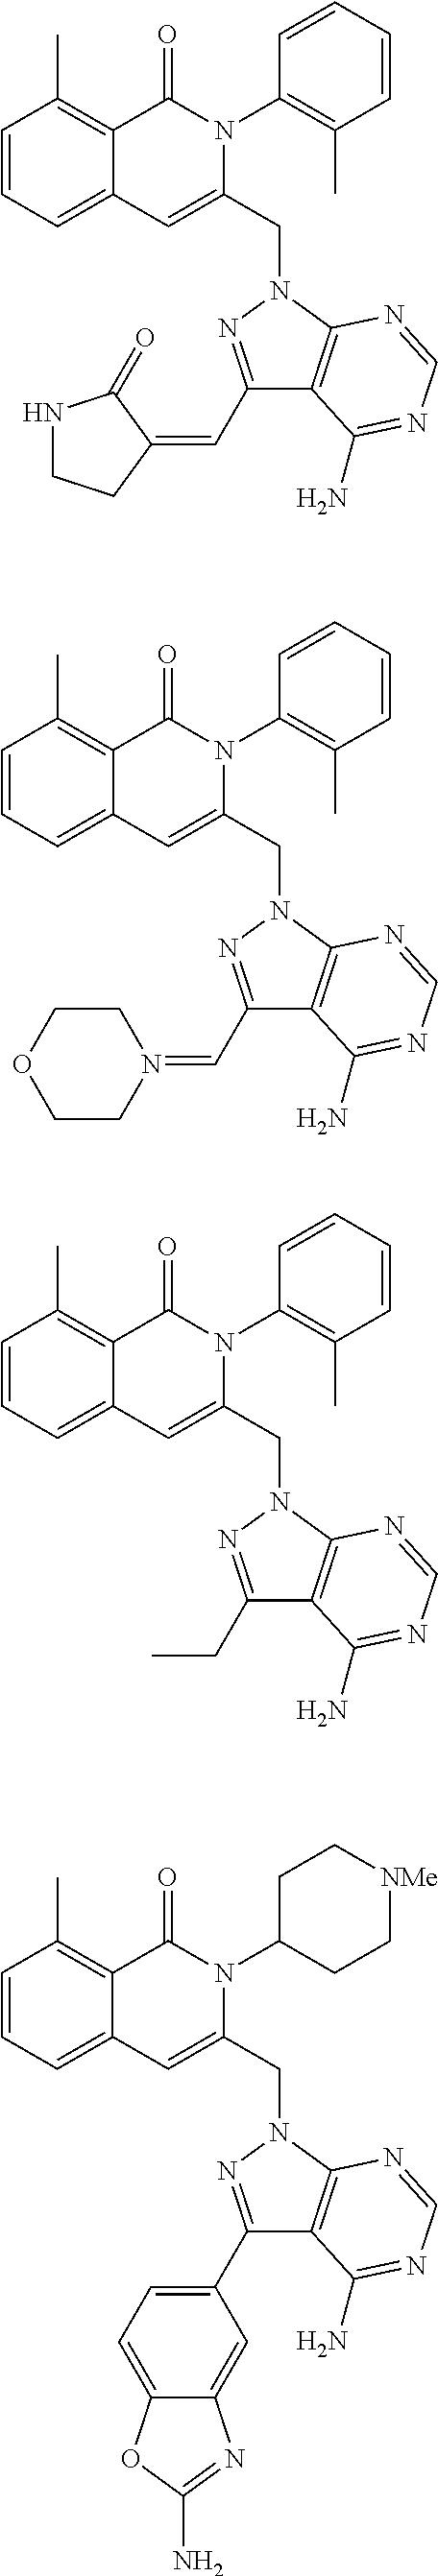 Figure US20110046165A1-20110224-C00335